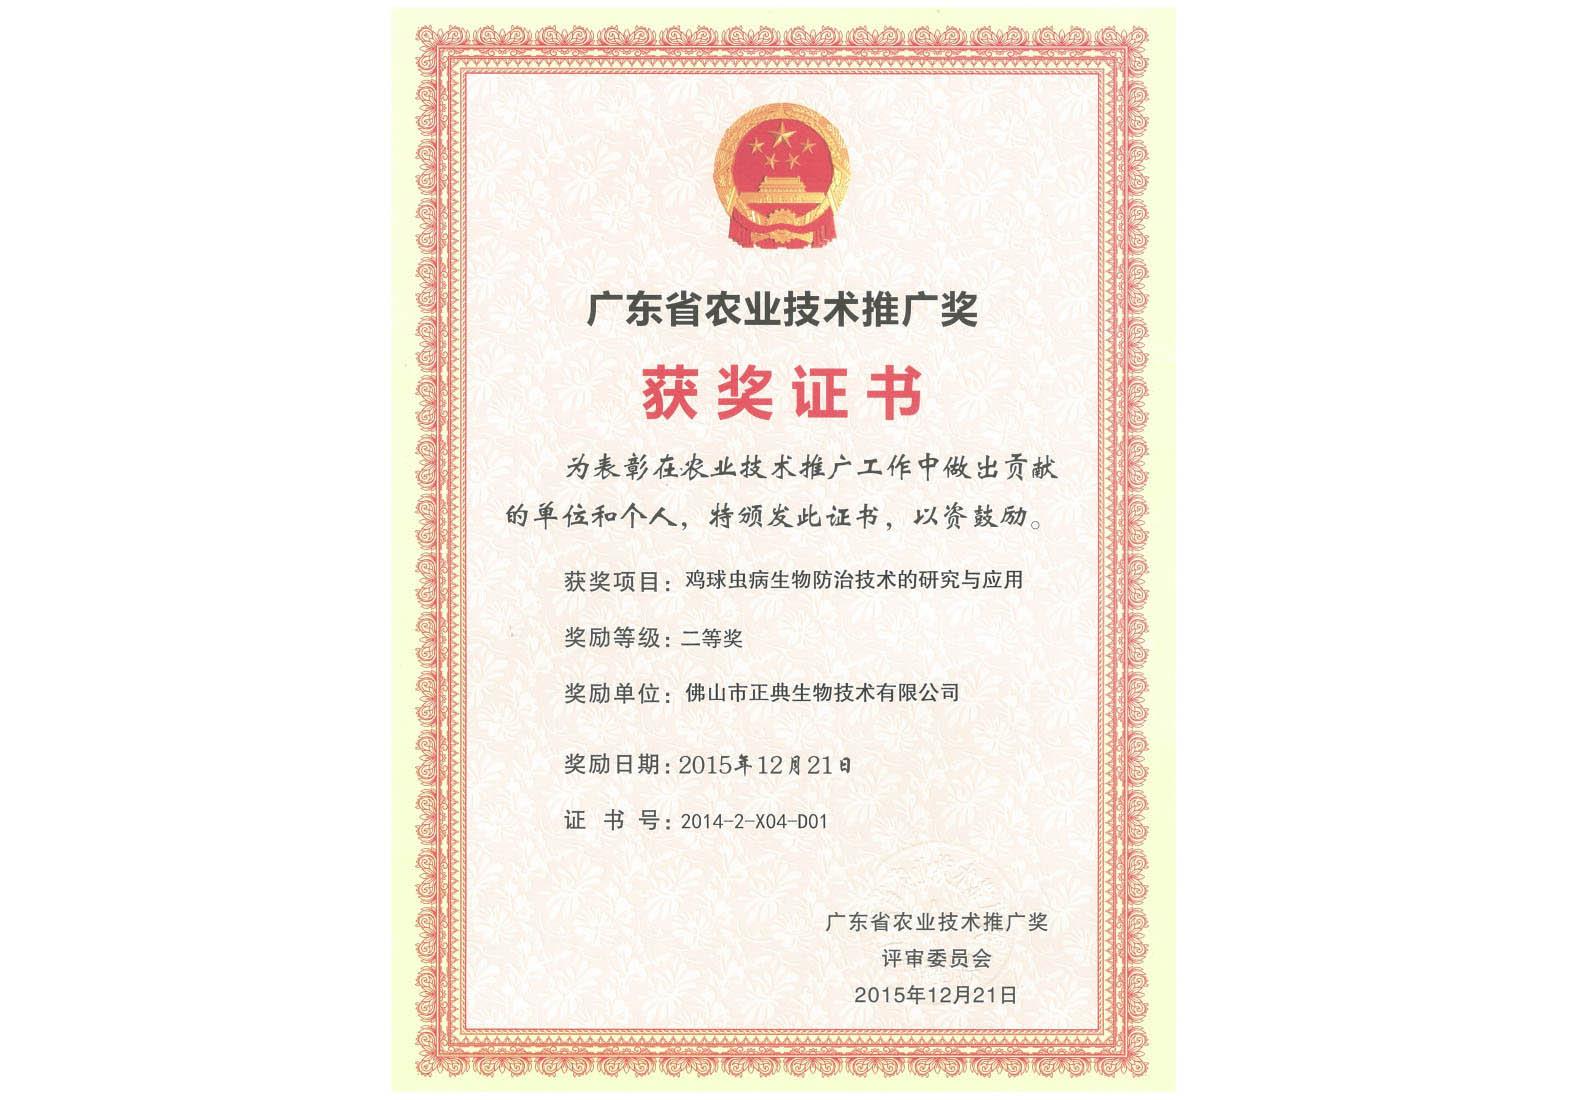 广东省农业技术推广奖二等奖(鸡球虫病生物防治技术的研究与应用)